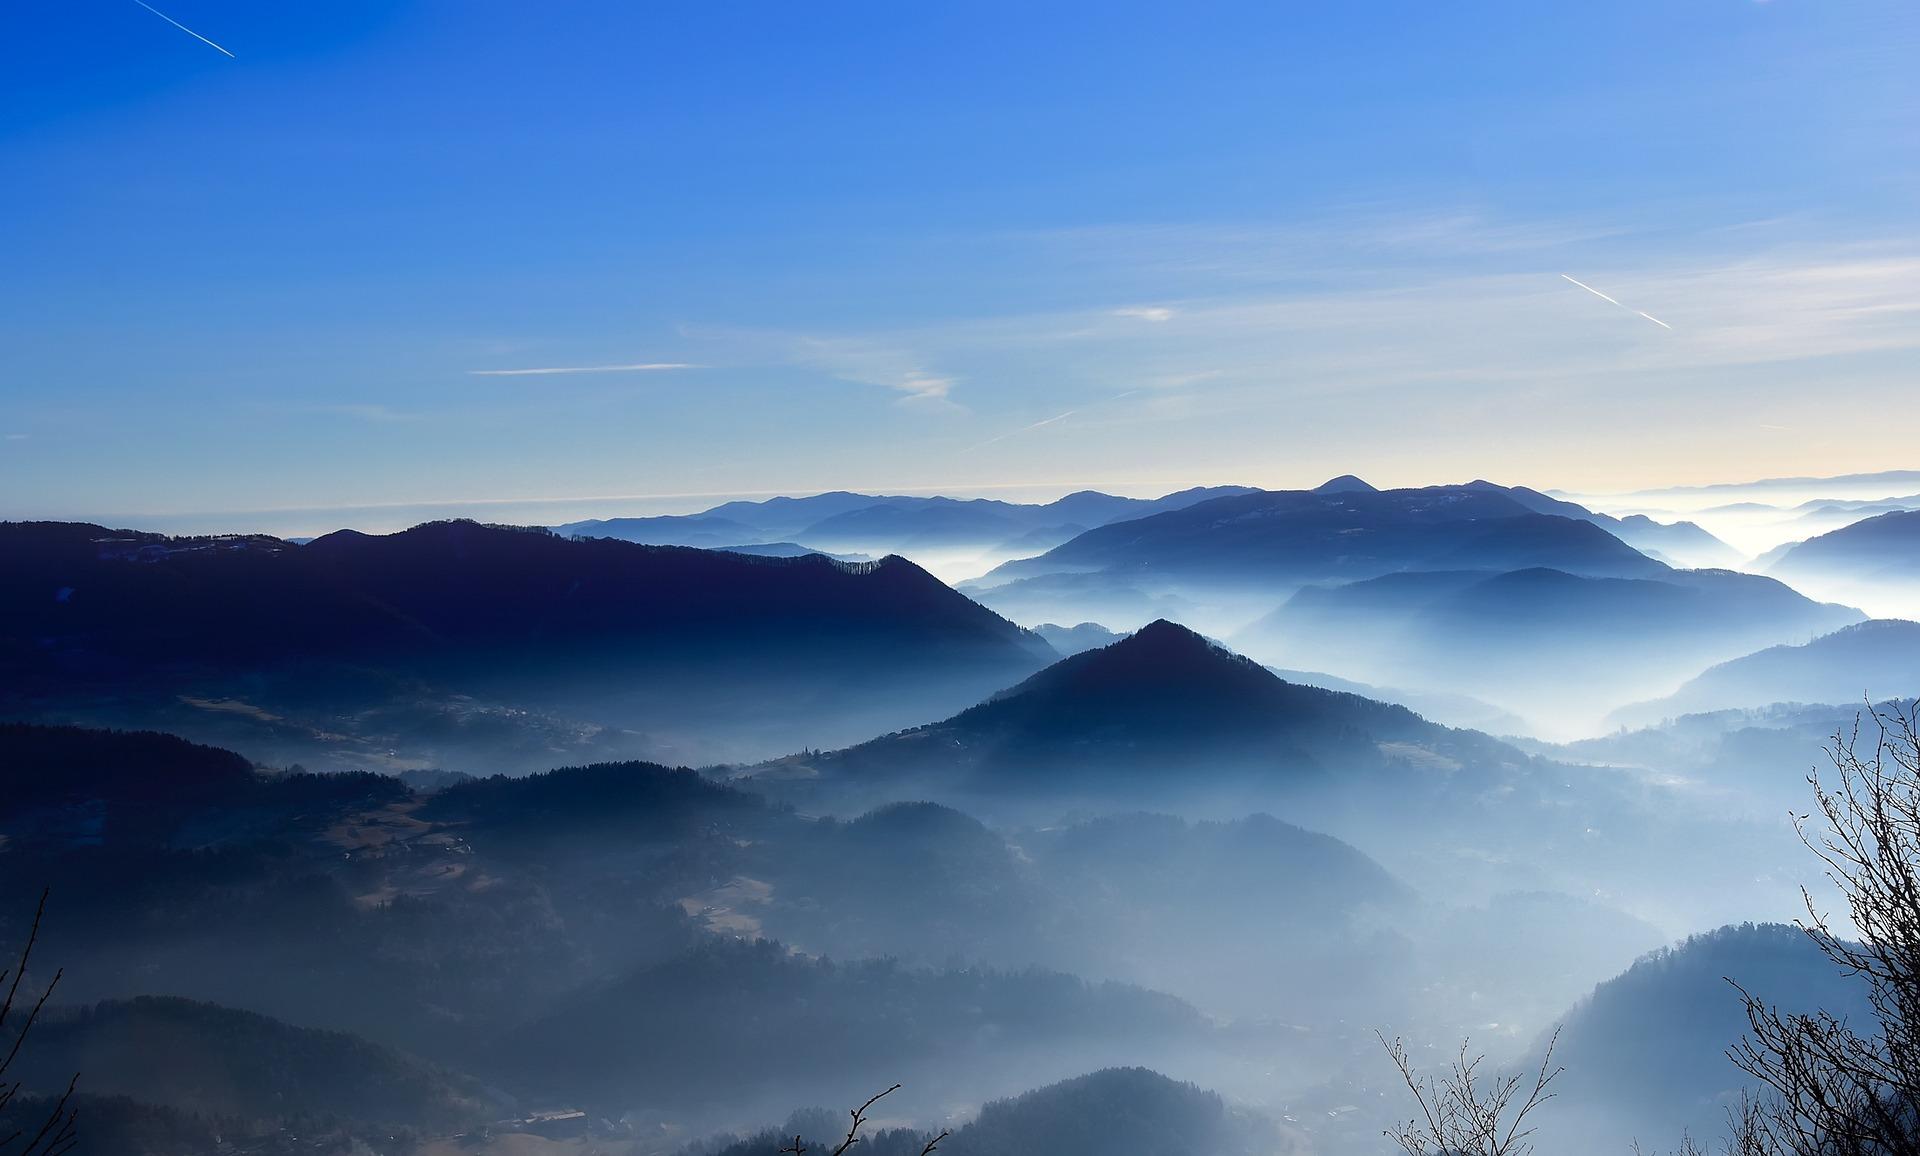 อากาศบริสุทธิ์และความสวยงาม